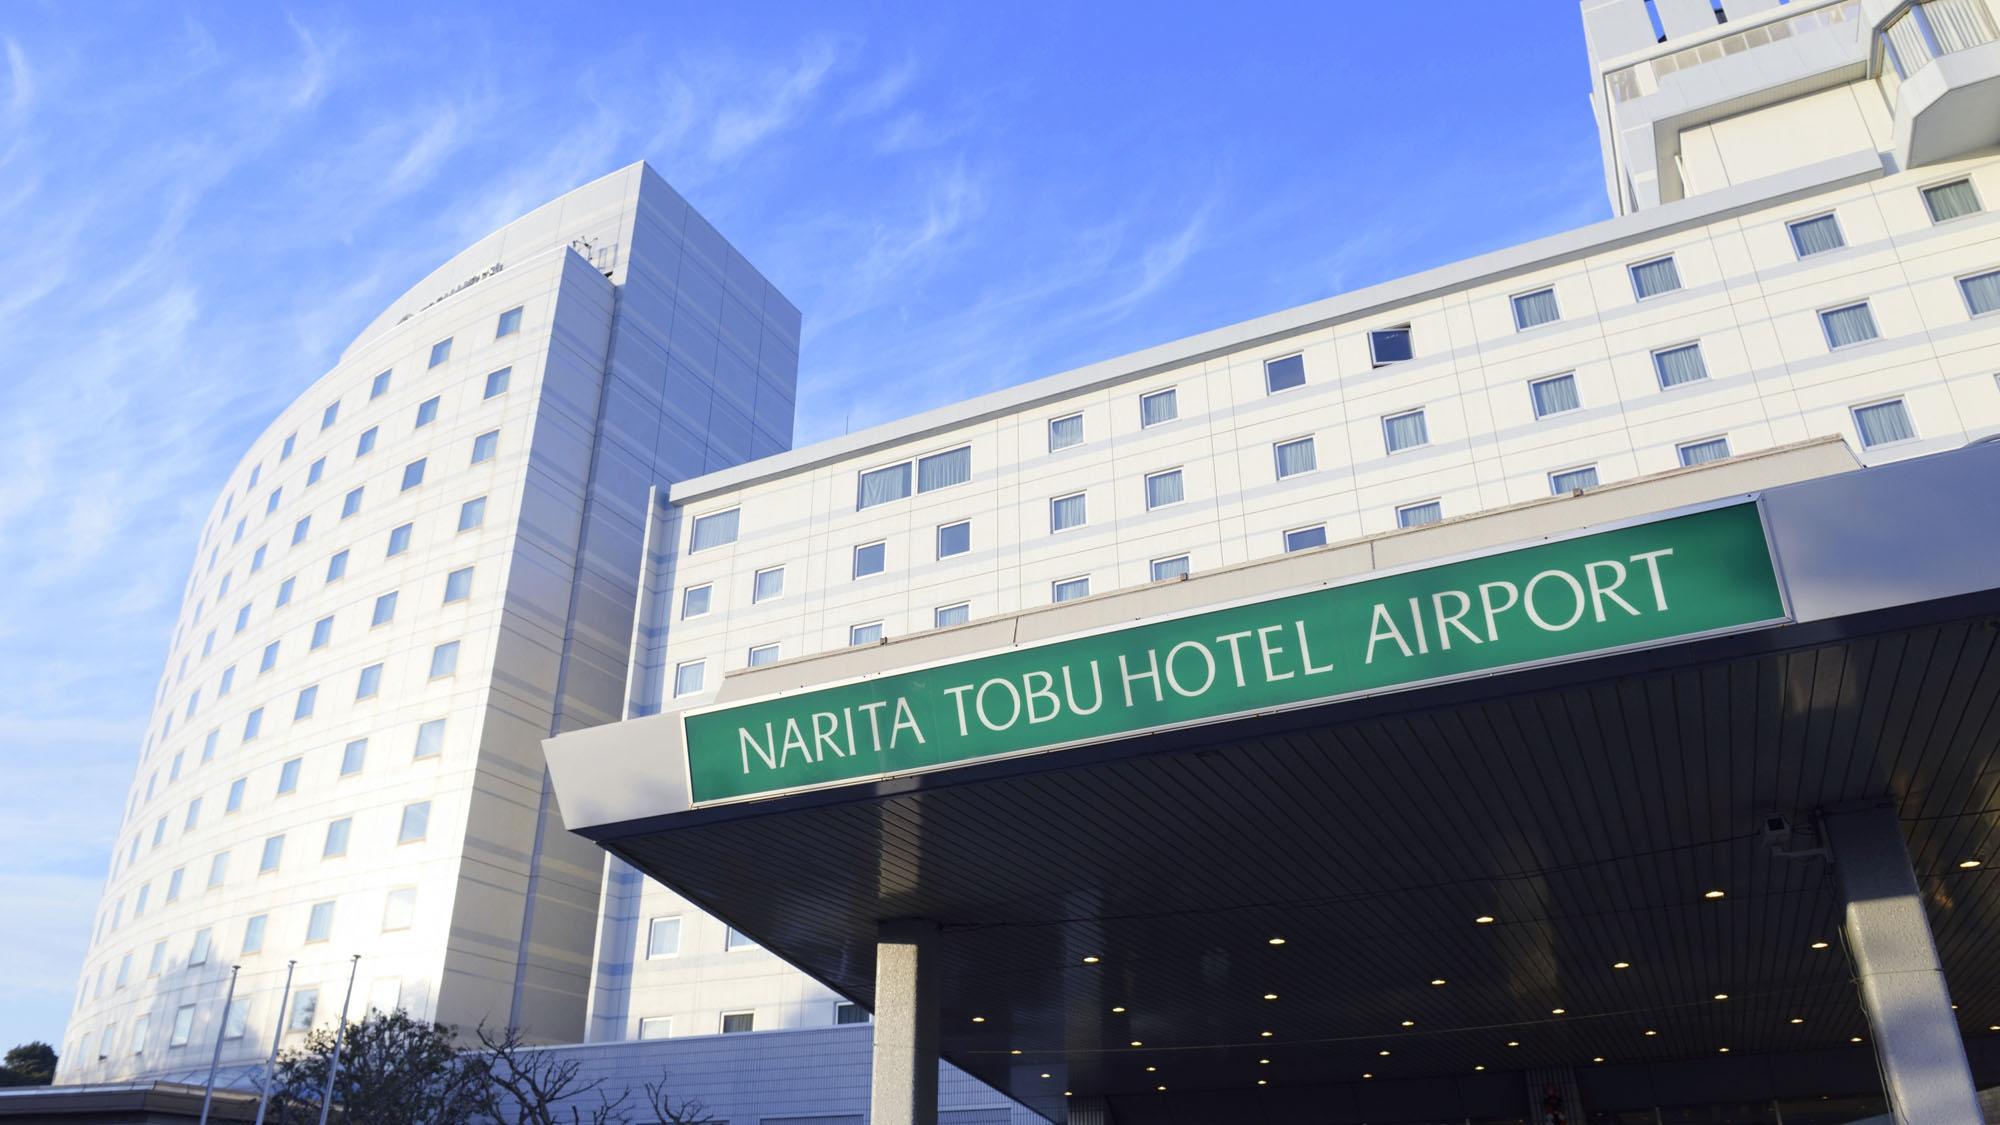 成田 東武ホテル エアポート◆楽天トラベル